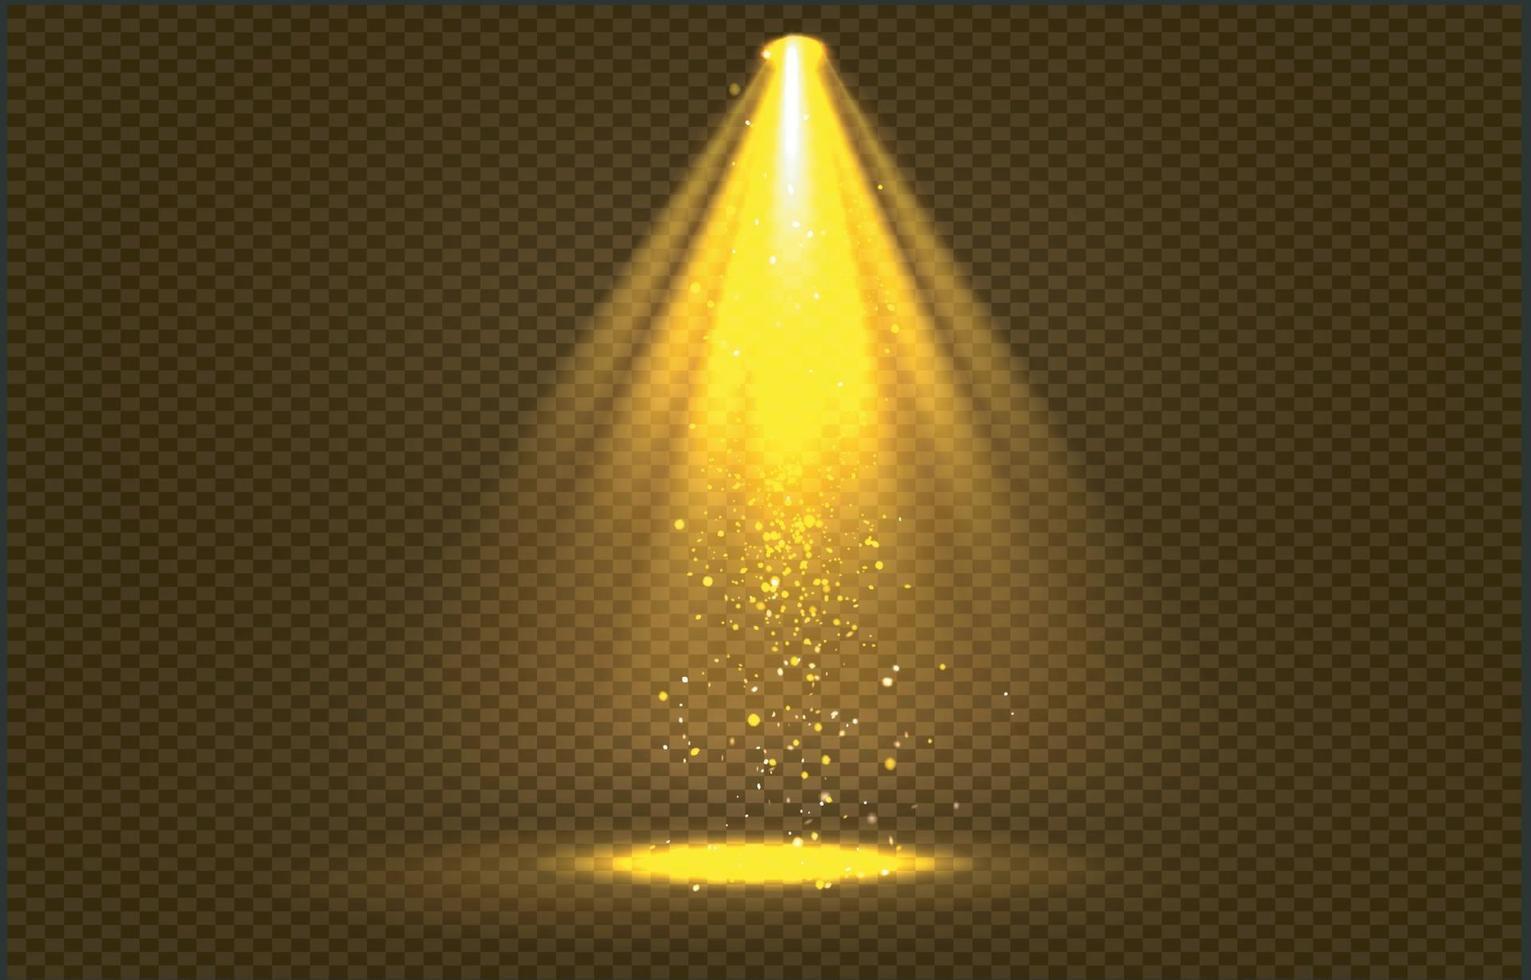 rayos de luz dorados con destellos dorados, vector